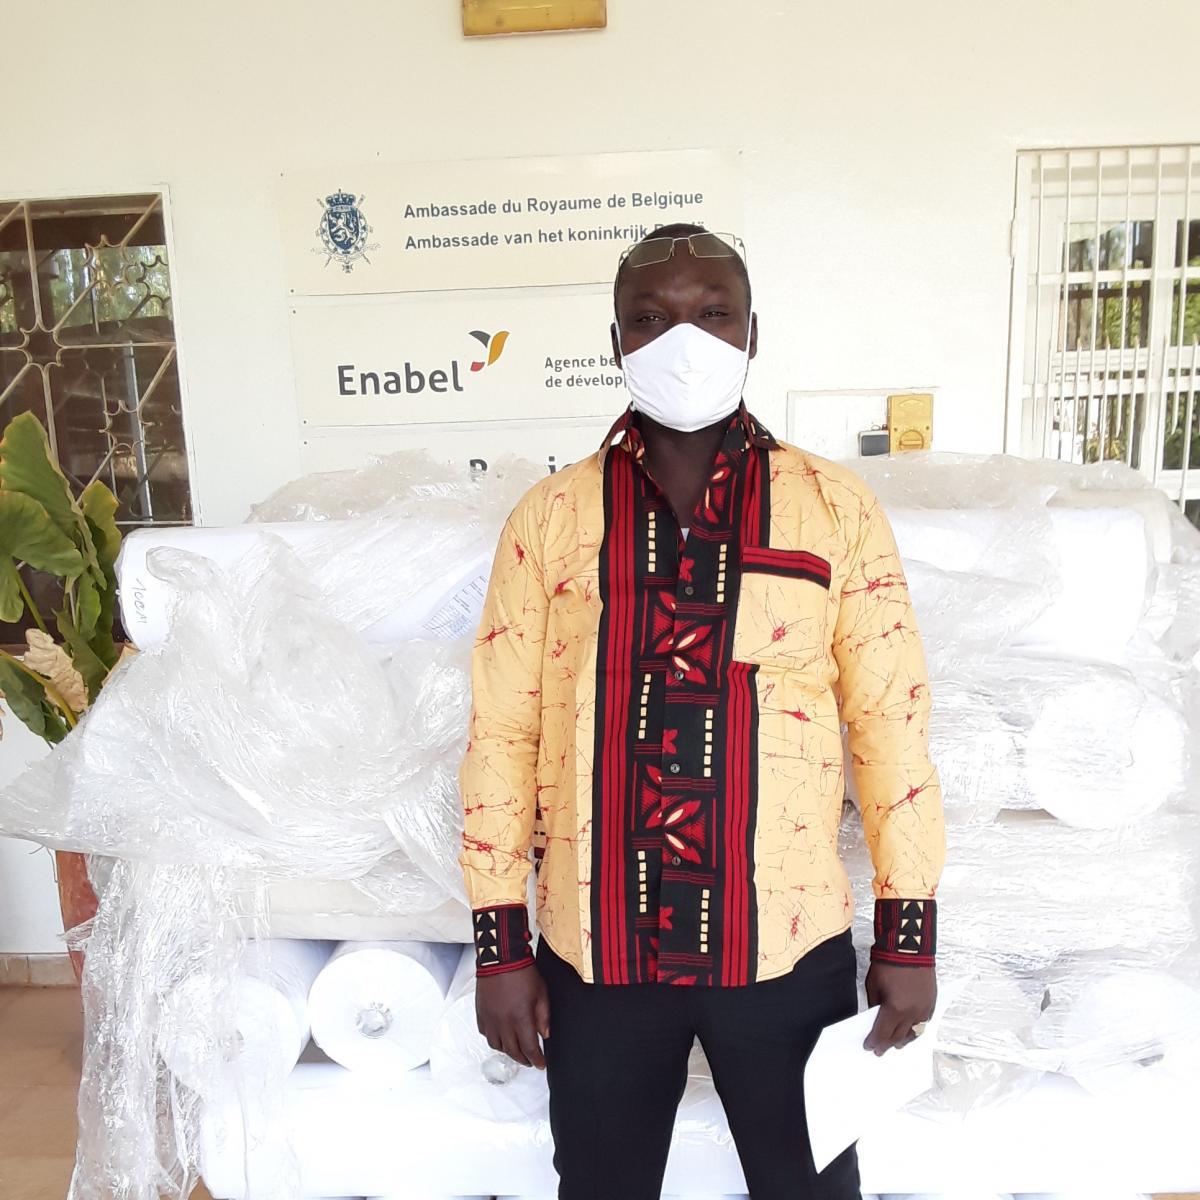 Renforcement de la résilience du système de santé publique au Niger, face à la crise COVID19